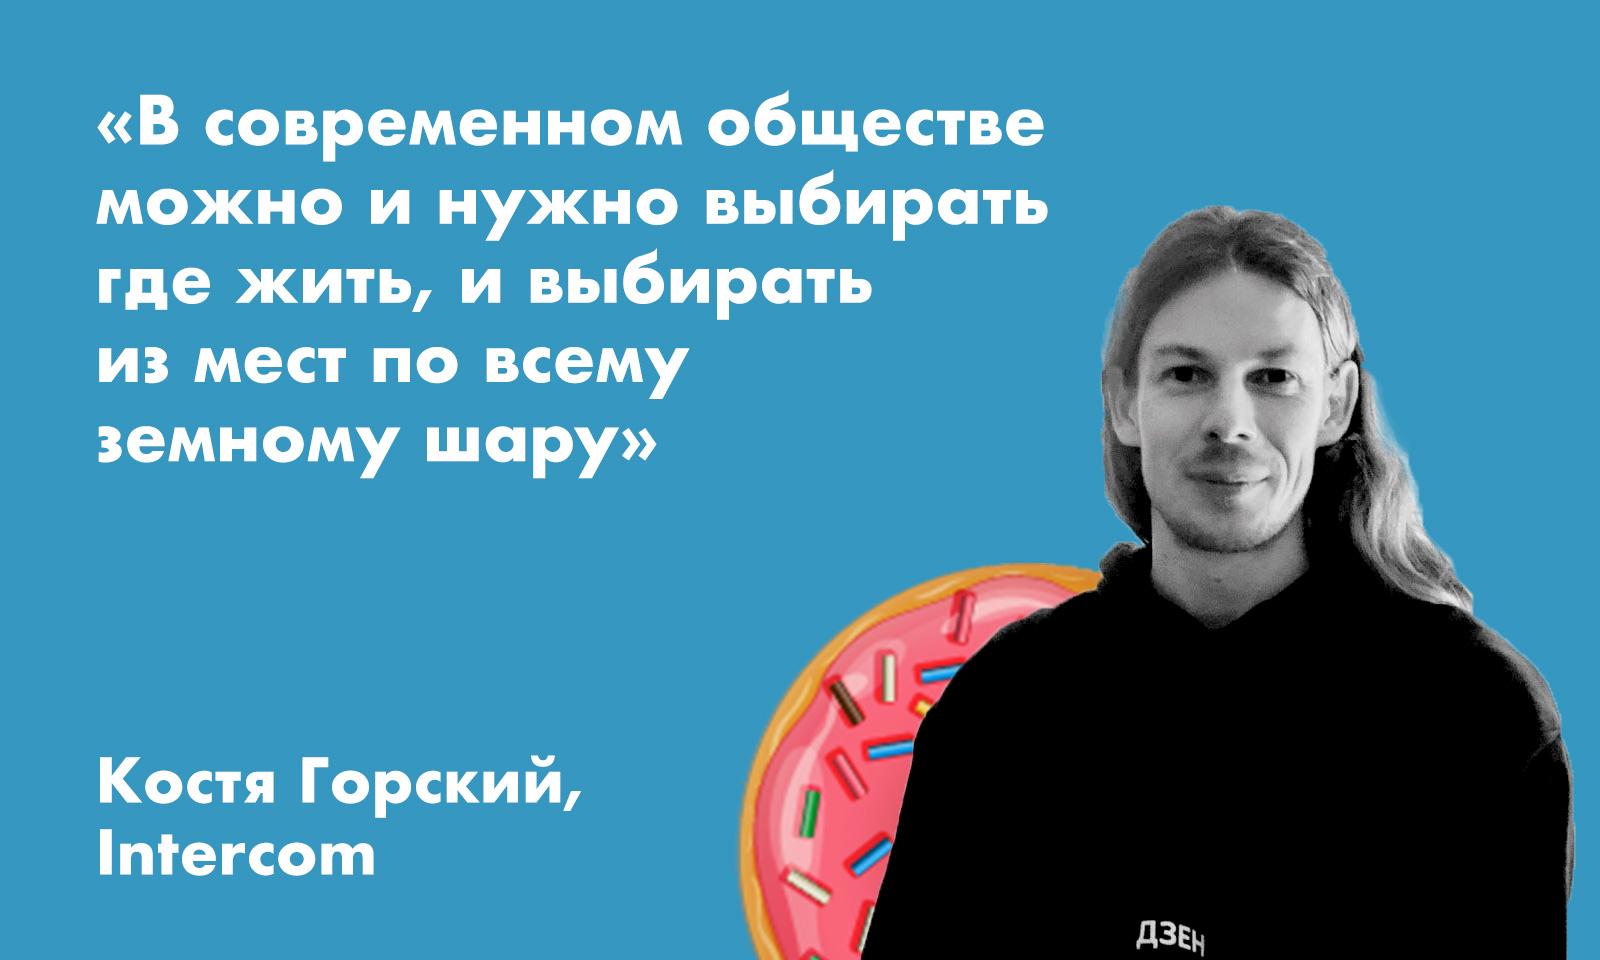 Костя Горский, Intercom: про города и амбиции, продуктовое мышление, навыки для дизайнеров и саморазвитие